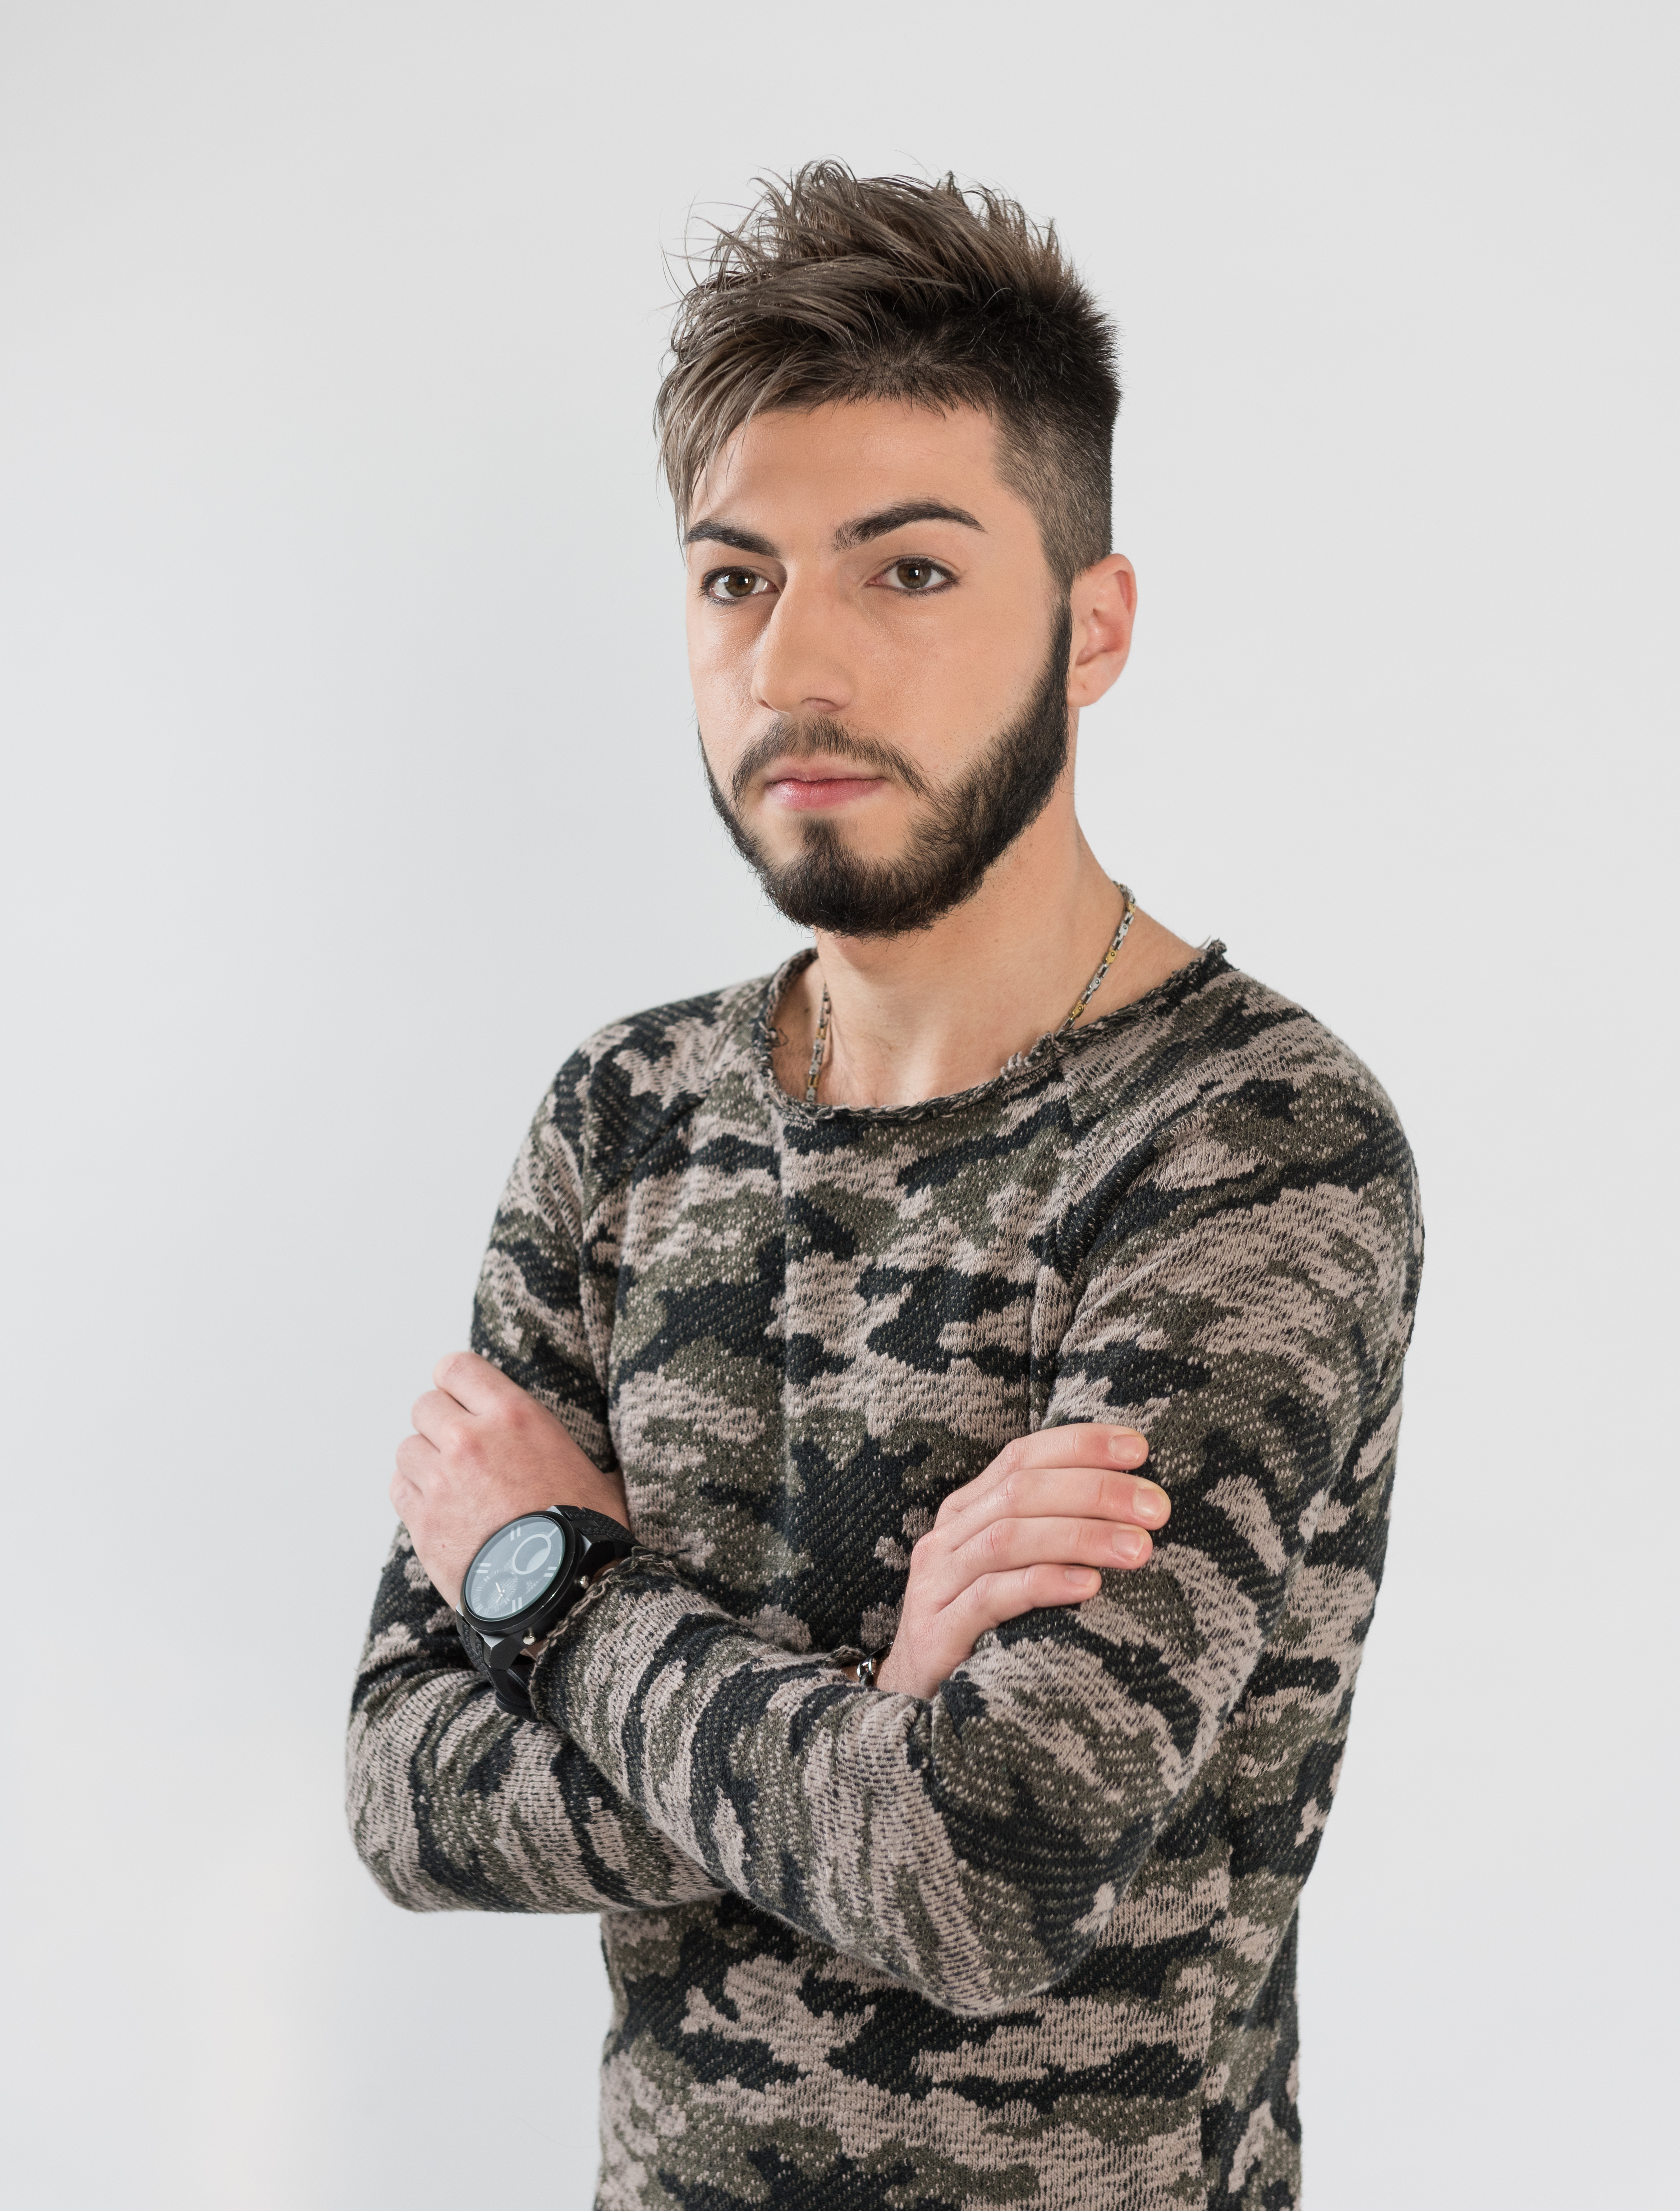 Portrait / Mode